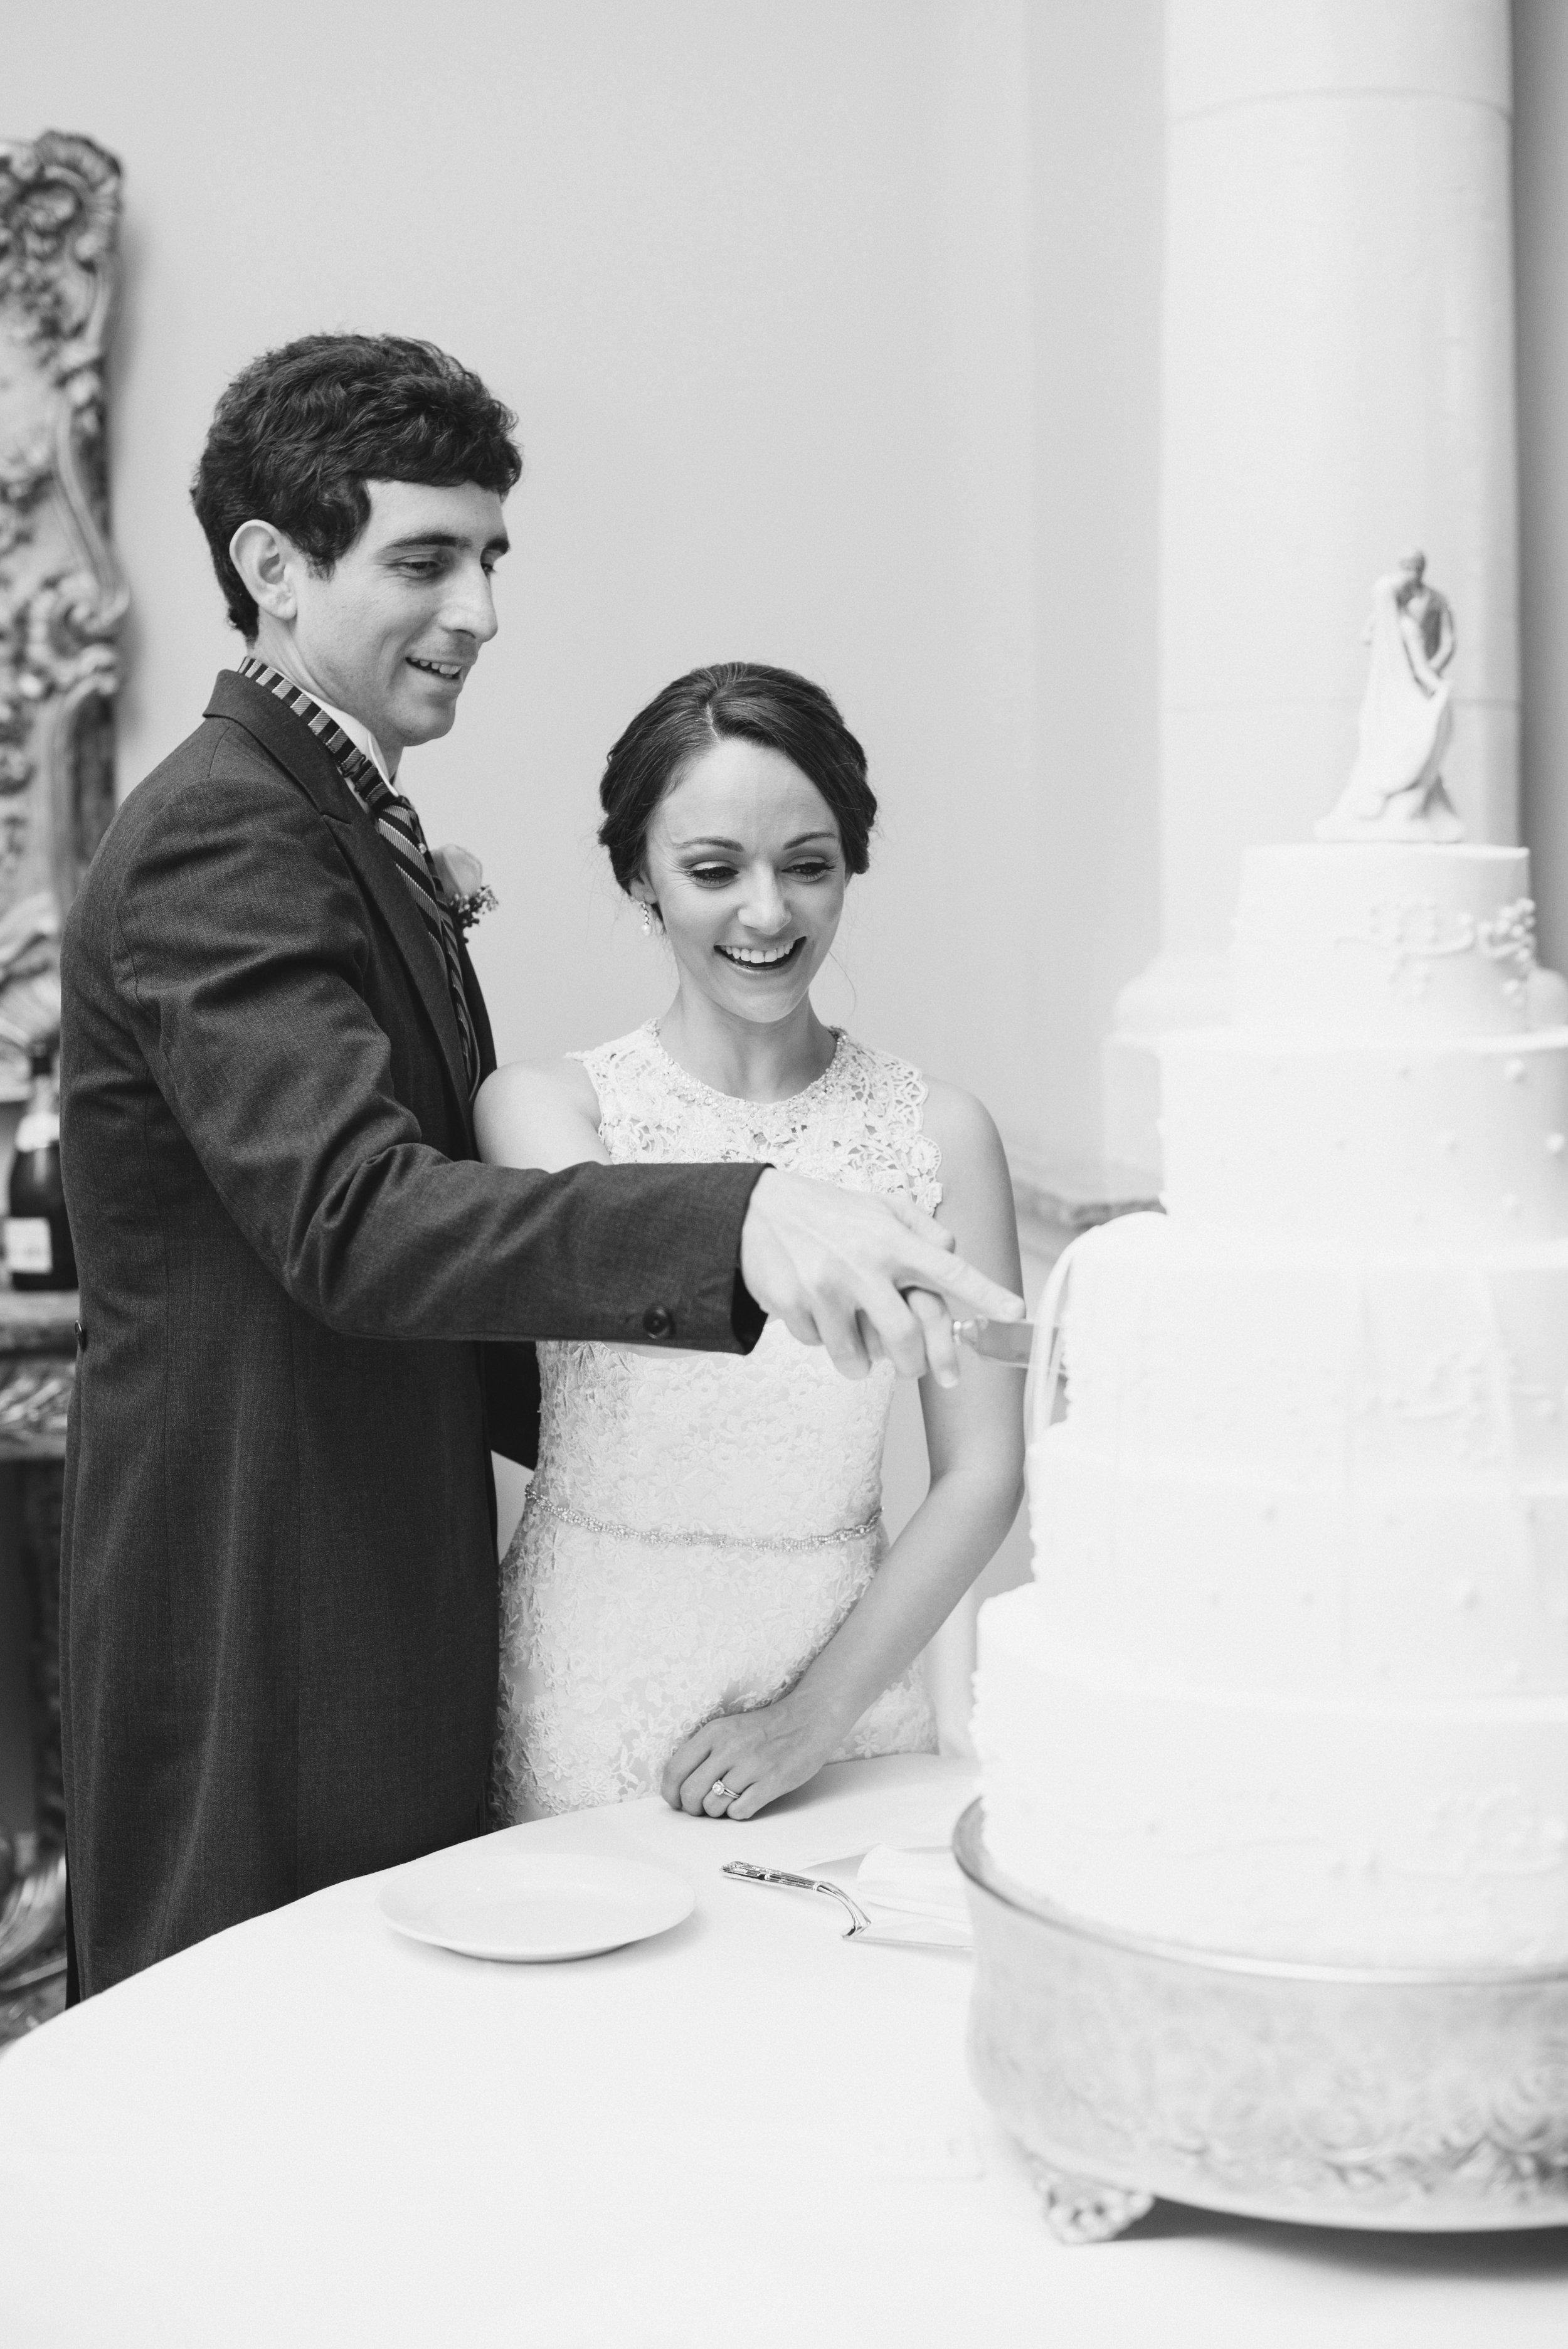 Ducote_Naccari_wedding_0656.jpg